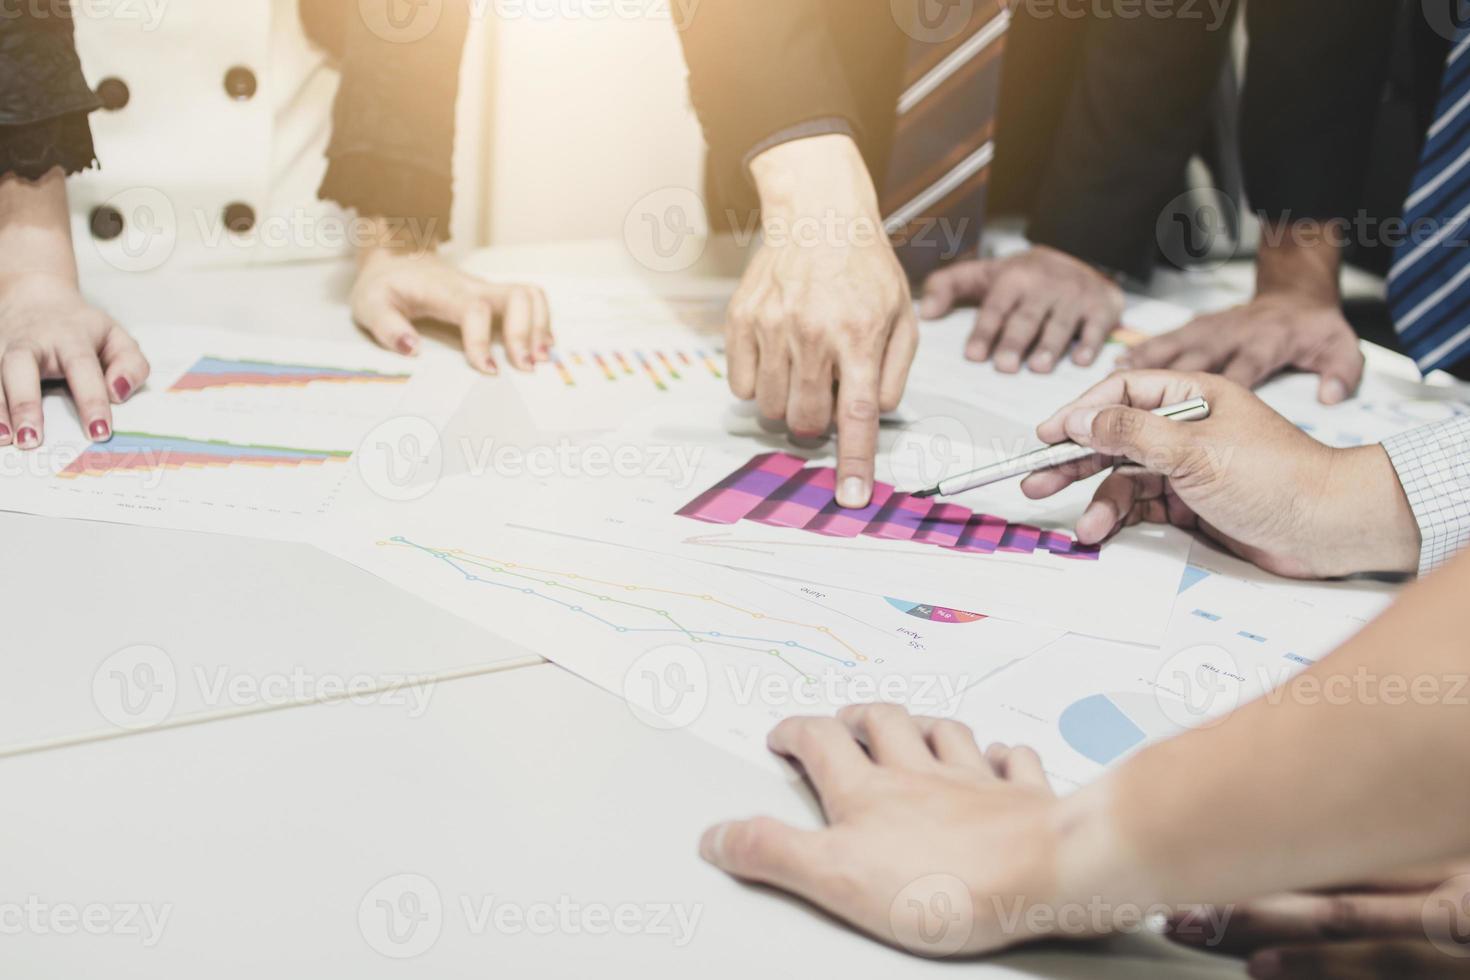 groep mensen uit het bedrijfsleven plannen en analyseren aan een vergadertafel foto